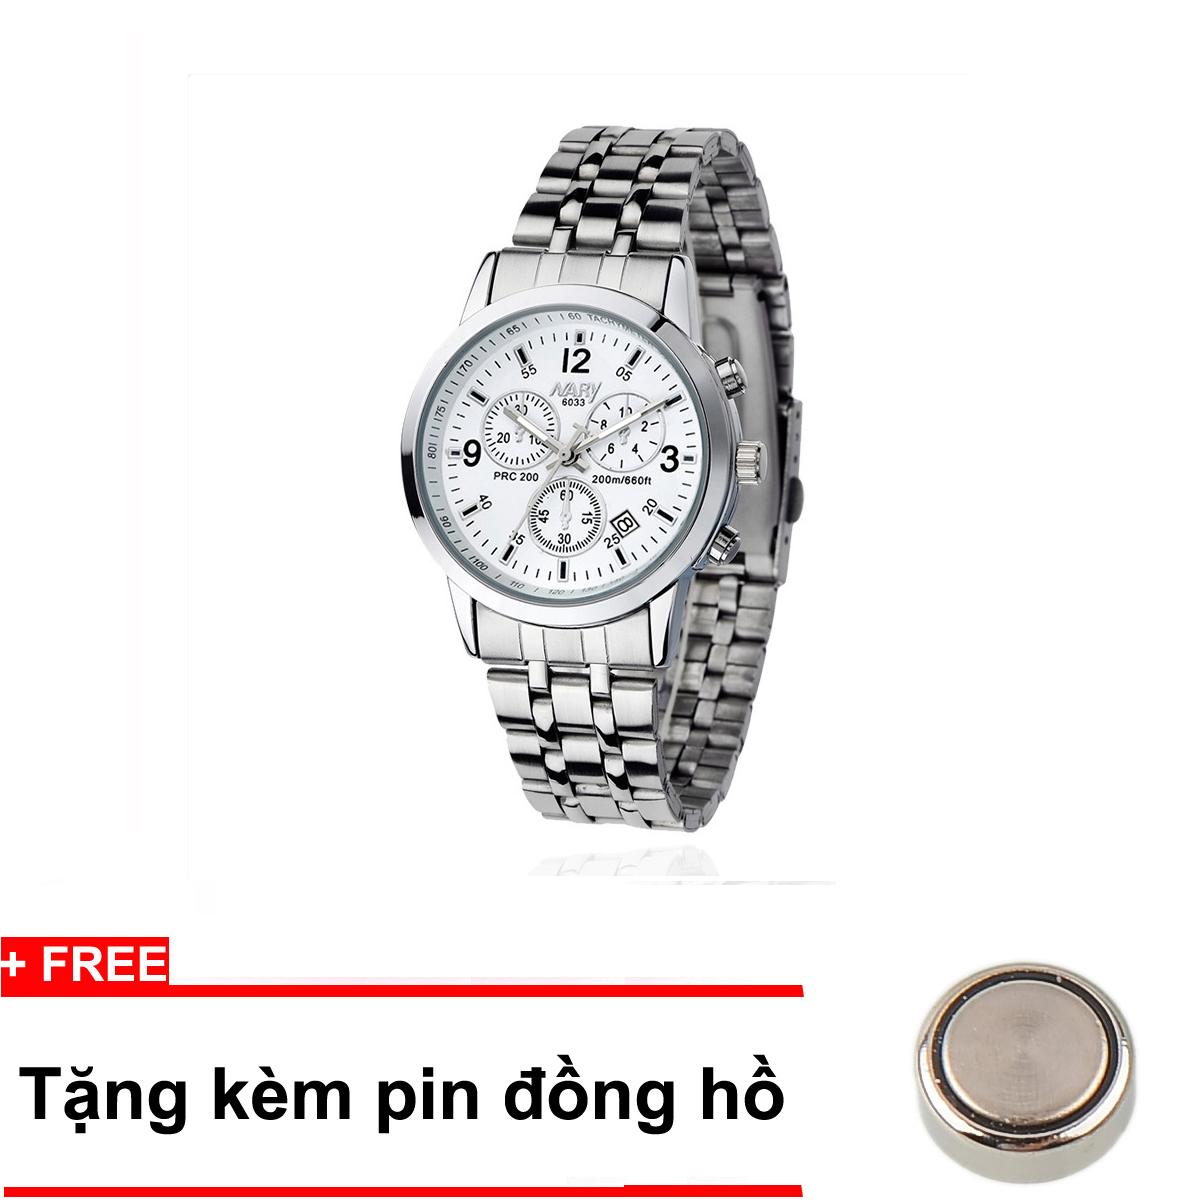 Đồng hồ nam dây thép không gỉ Nary NR6033B (Đen) + Tặng 1 pin đồng hồ